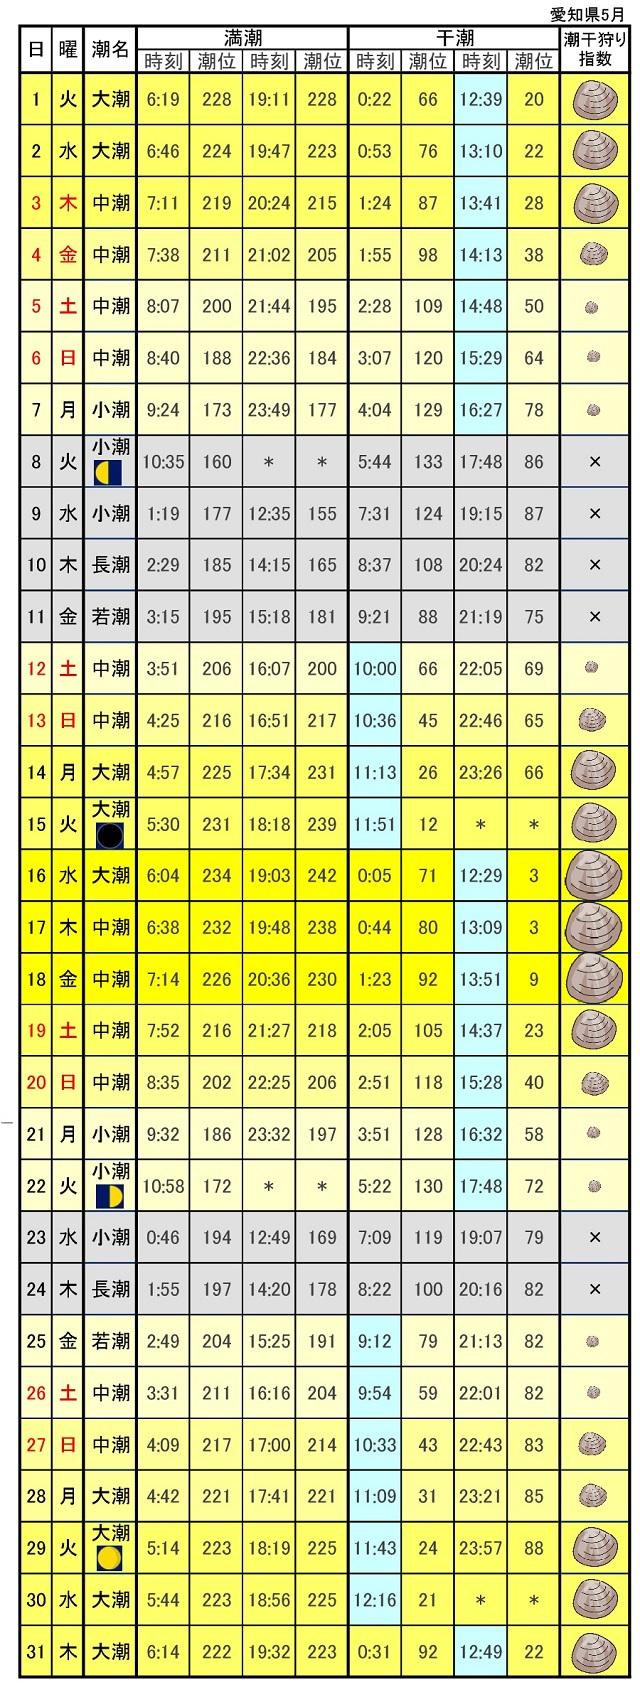 愛知県潮見表潮汐表2018年5月